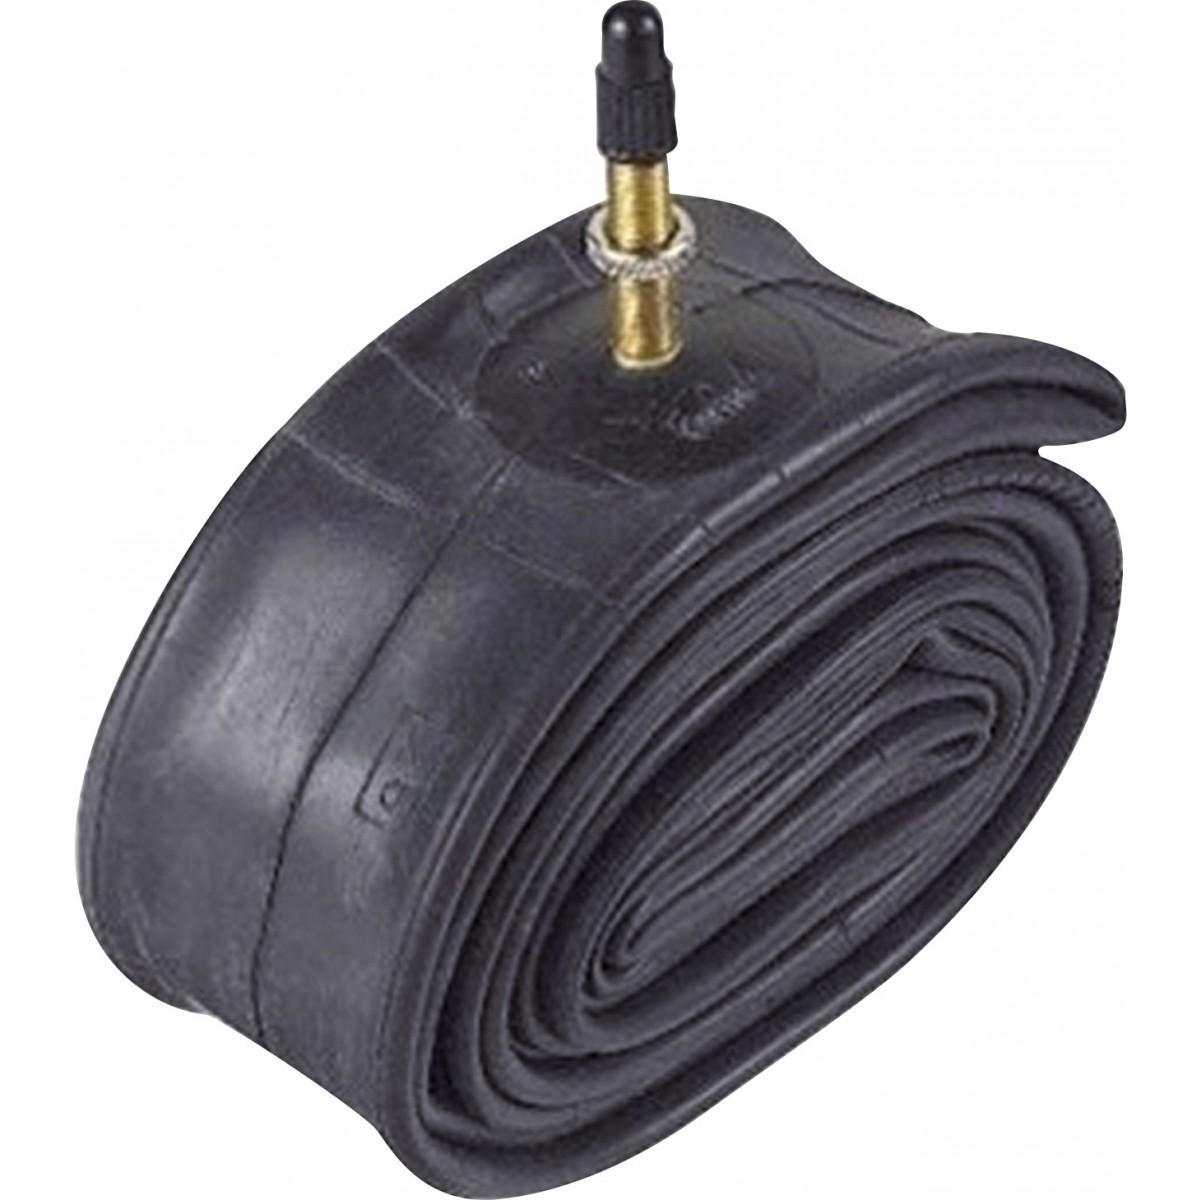 Chambre à air vélo Durca - 26 pouces 1,95/2,125 - Petite valve